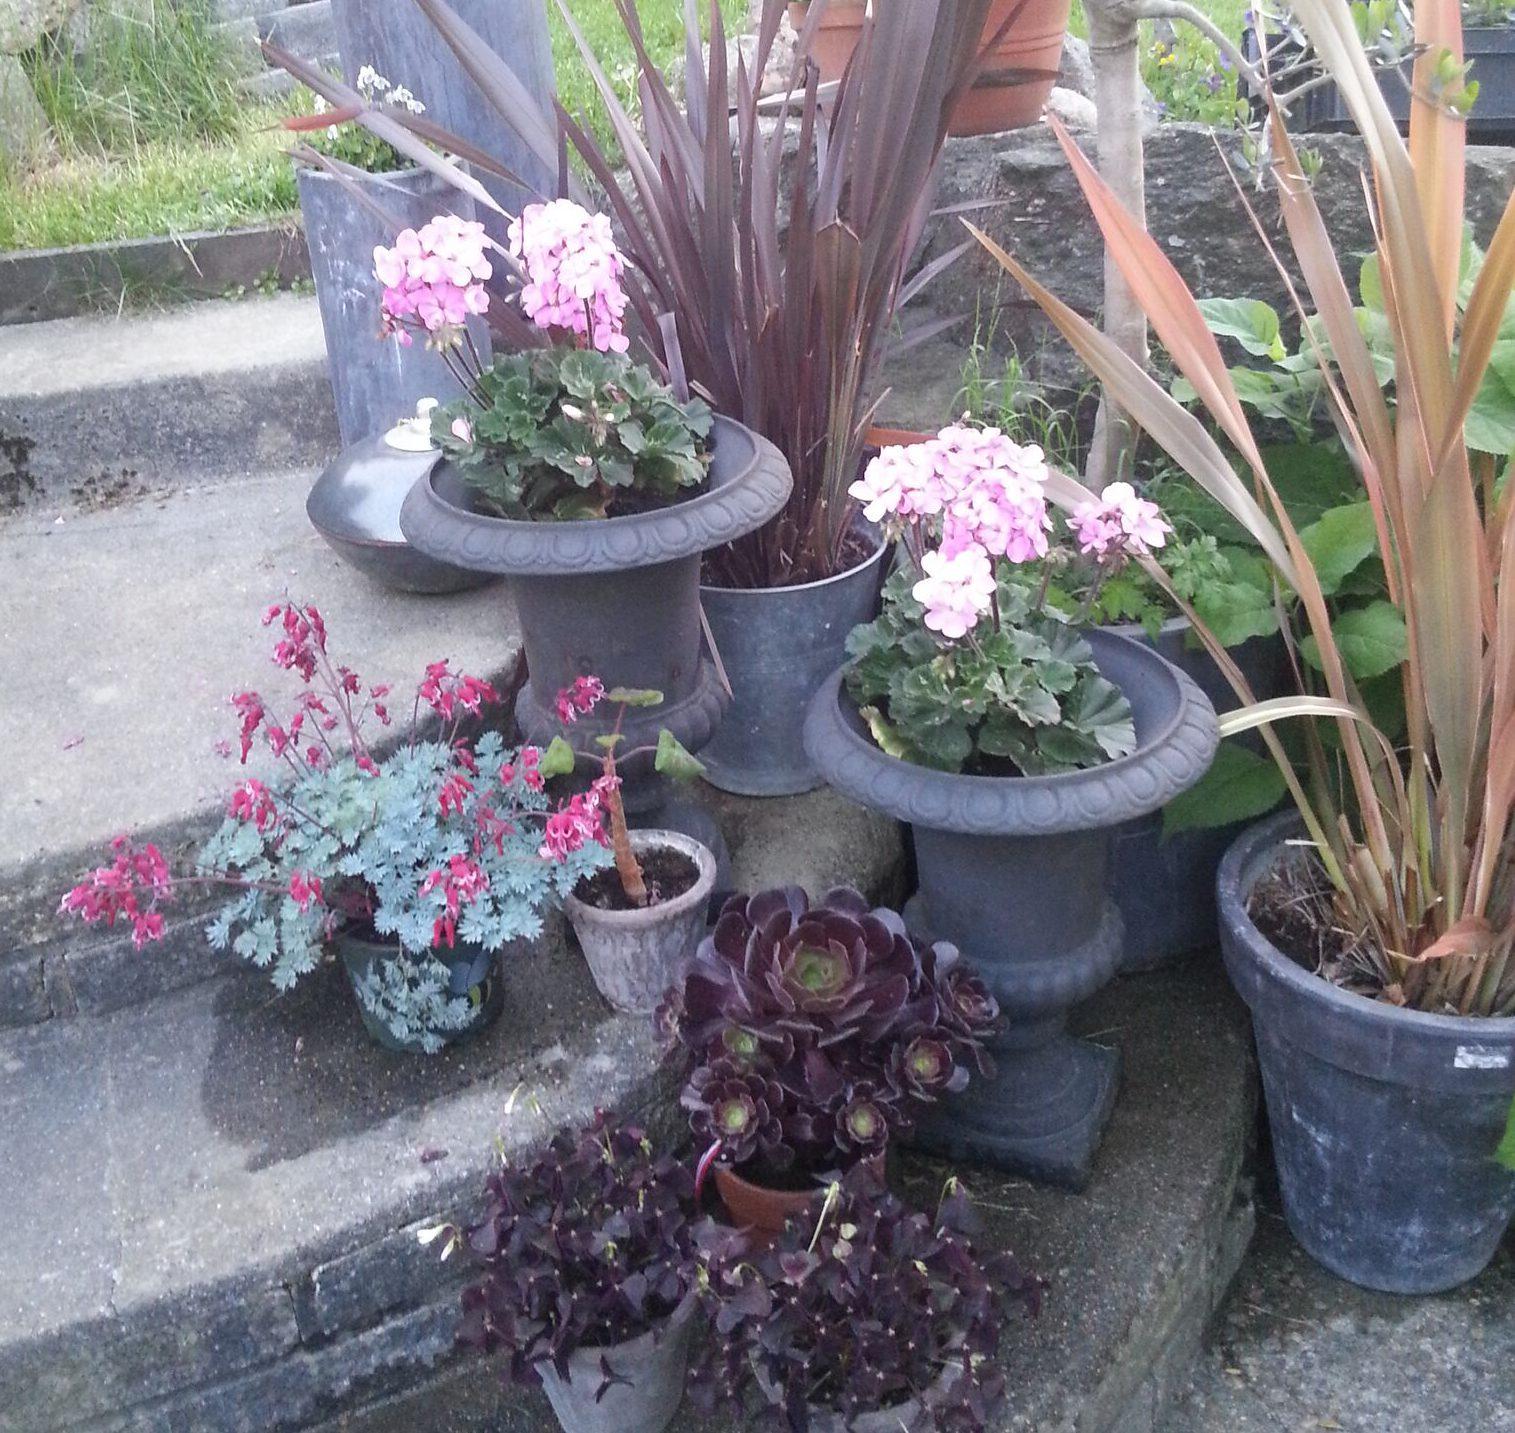 Lettstelte og fantastiske planter til terrassen? Her er noen forslag.